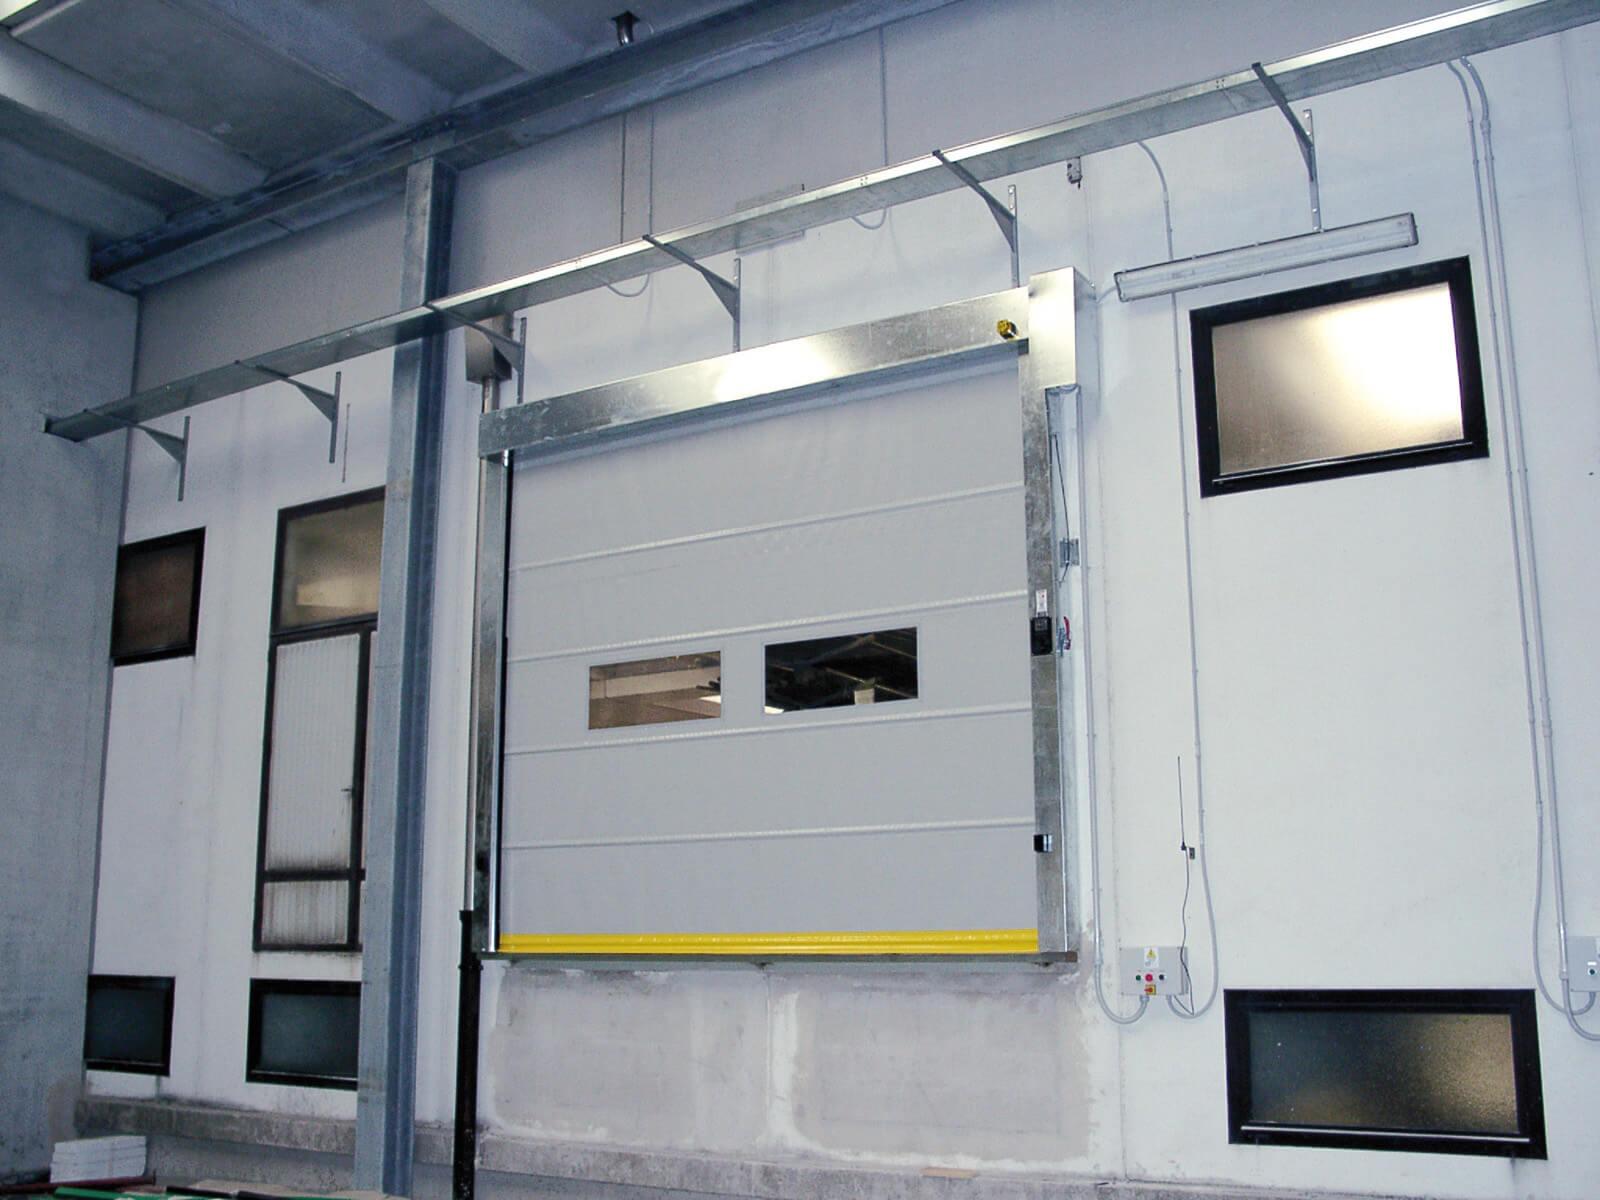 Porta rapida ad avvolgimento SAETTA - Grigio RAL 9006